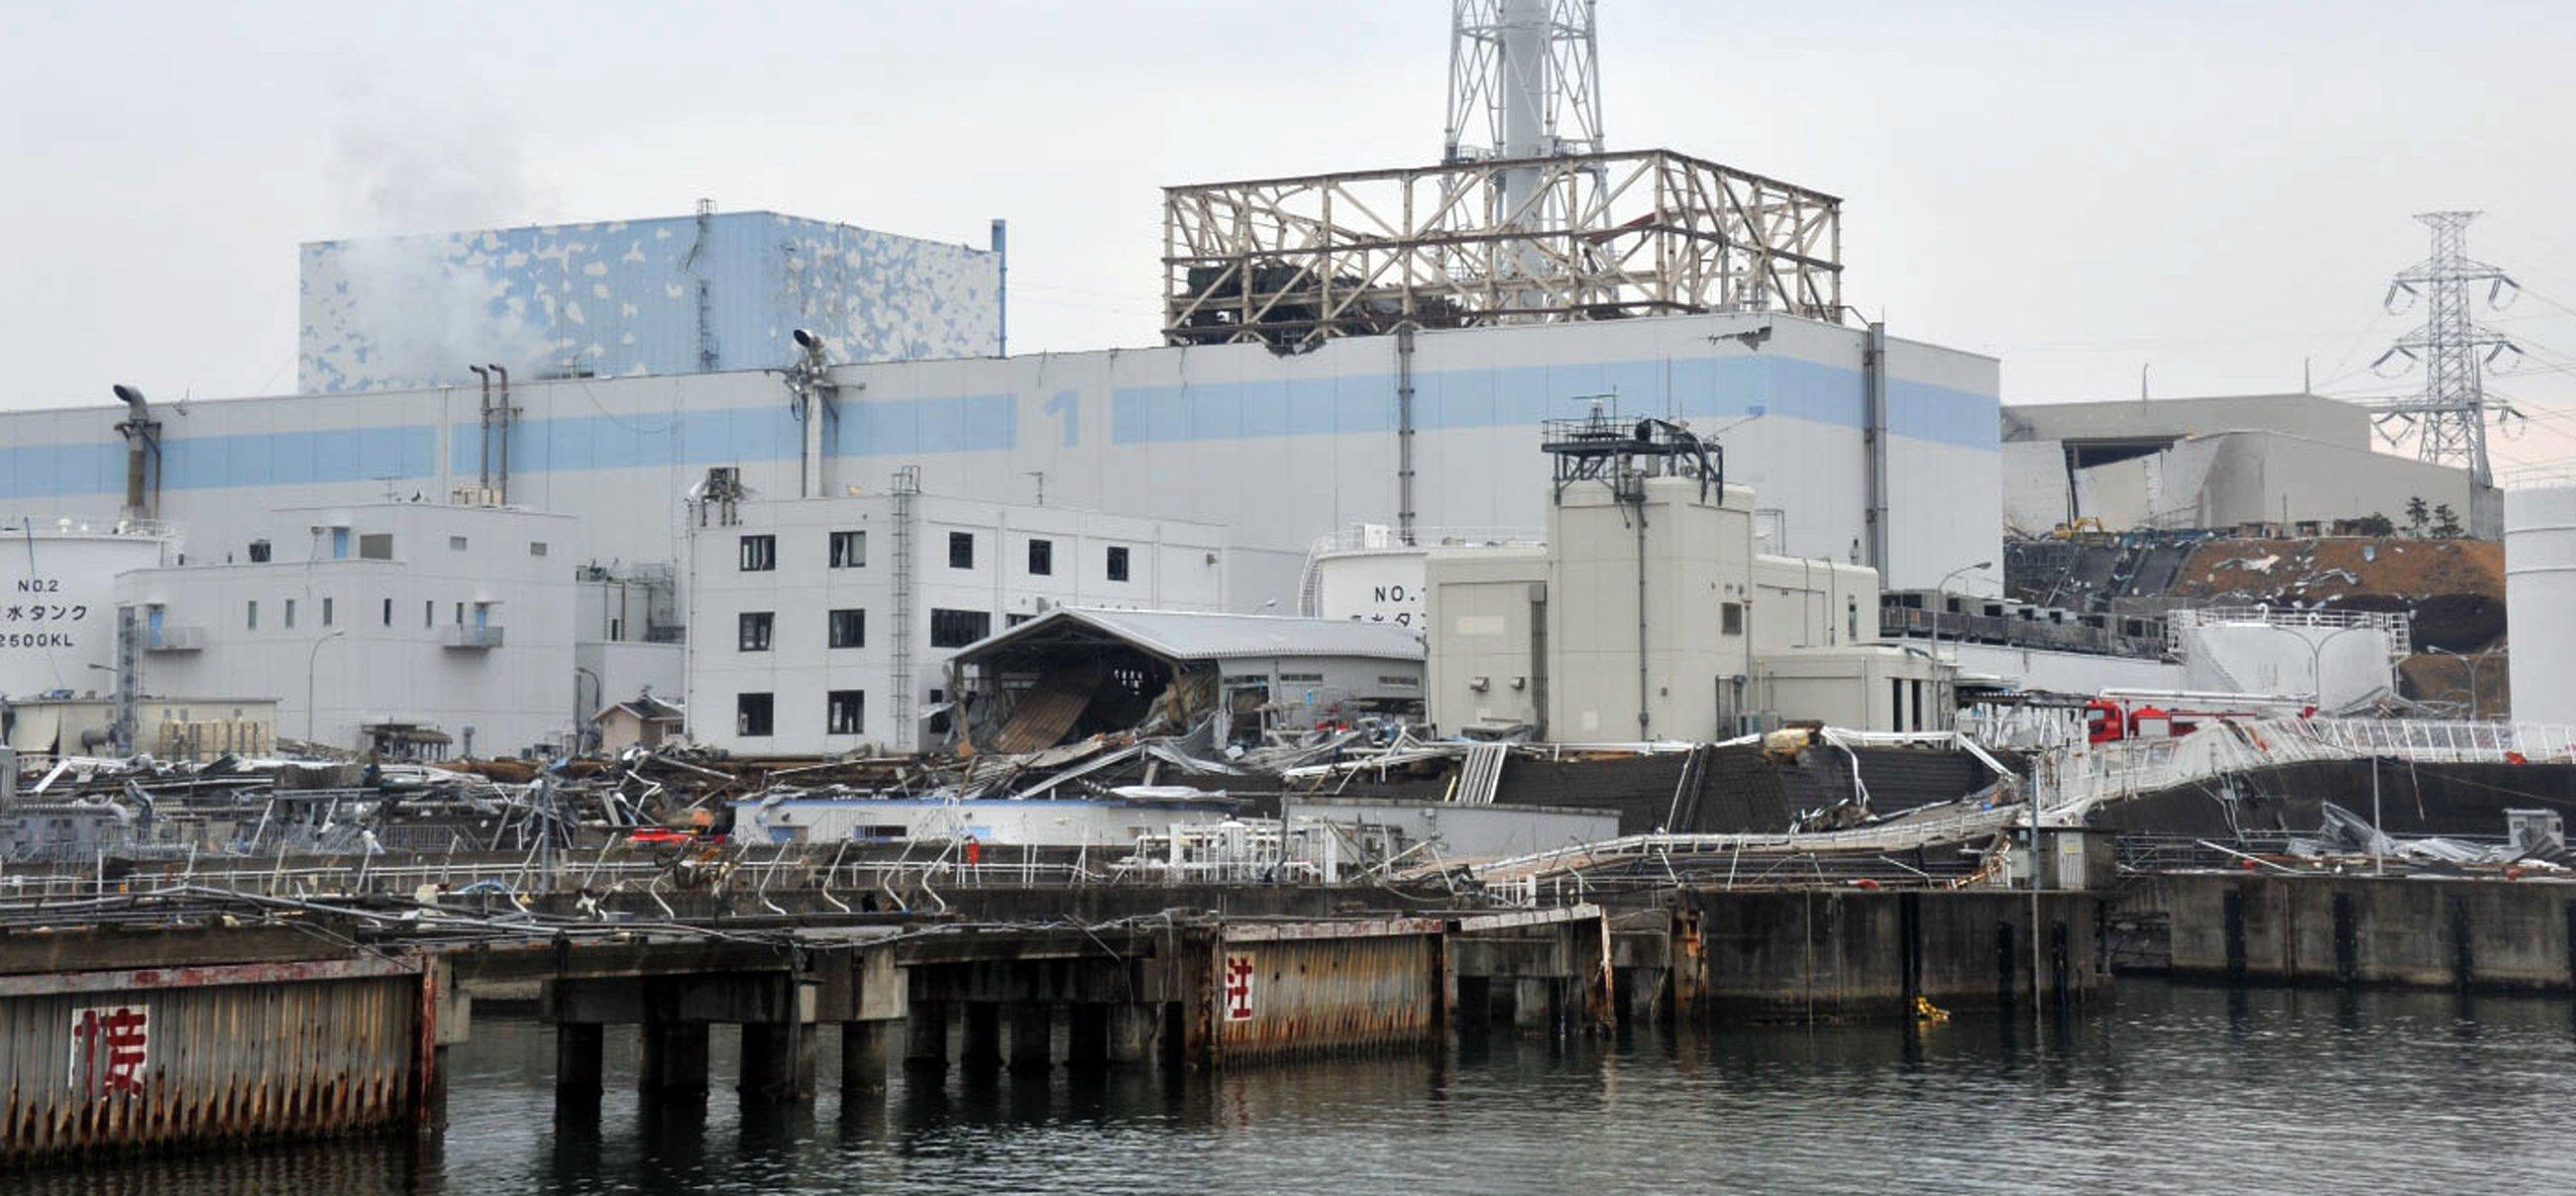 Das havarierte Atomkraftwerk in Fukushima: Seit der Katastrophe ist Japans Abhängigkeit von fossilen Brennstoffen rasant gestiegen.